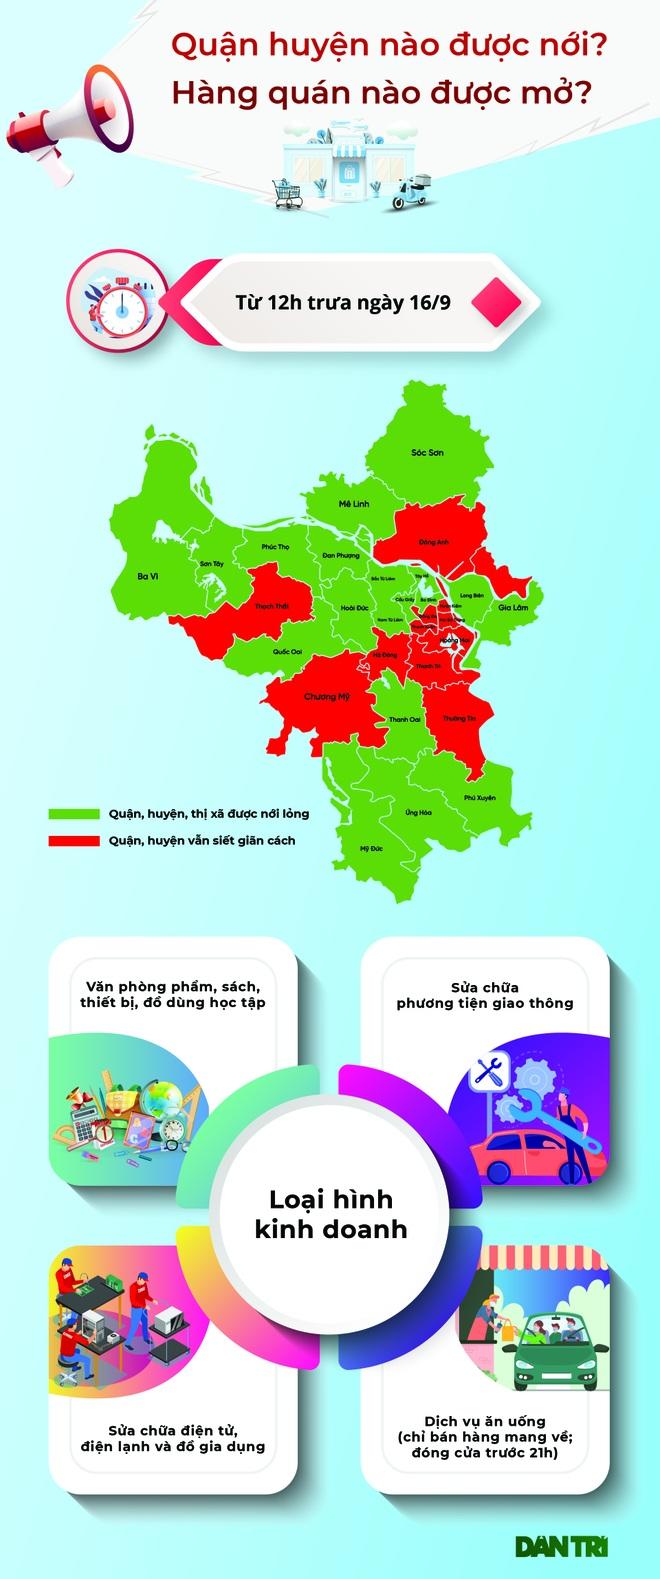 Hà Nội hôm nay: Quận huyện nào được nới, hàng quán nào được mở?